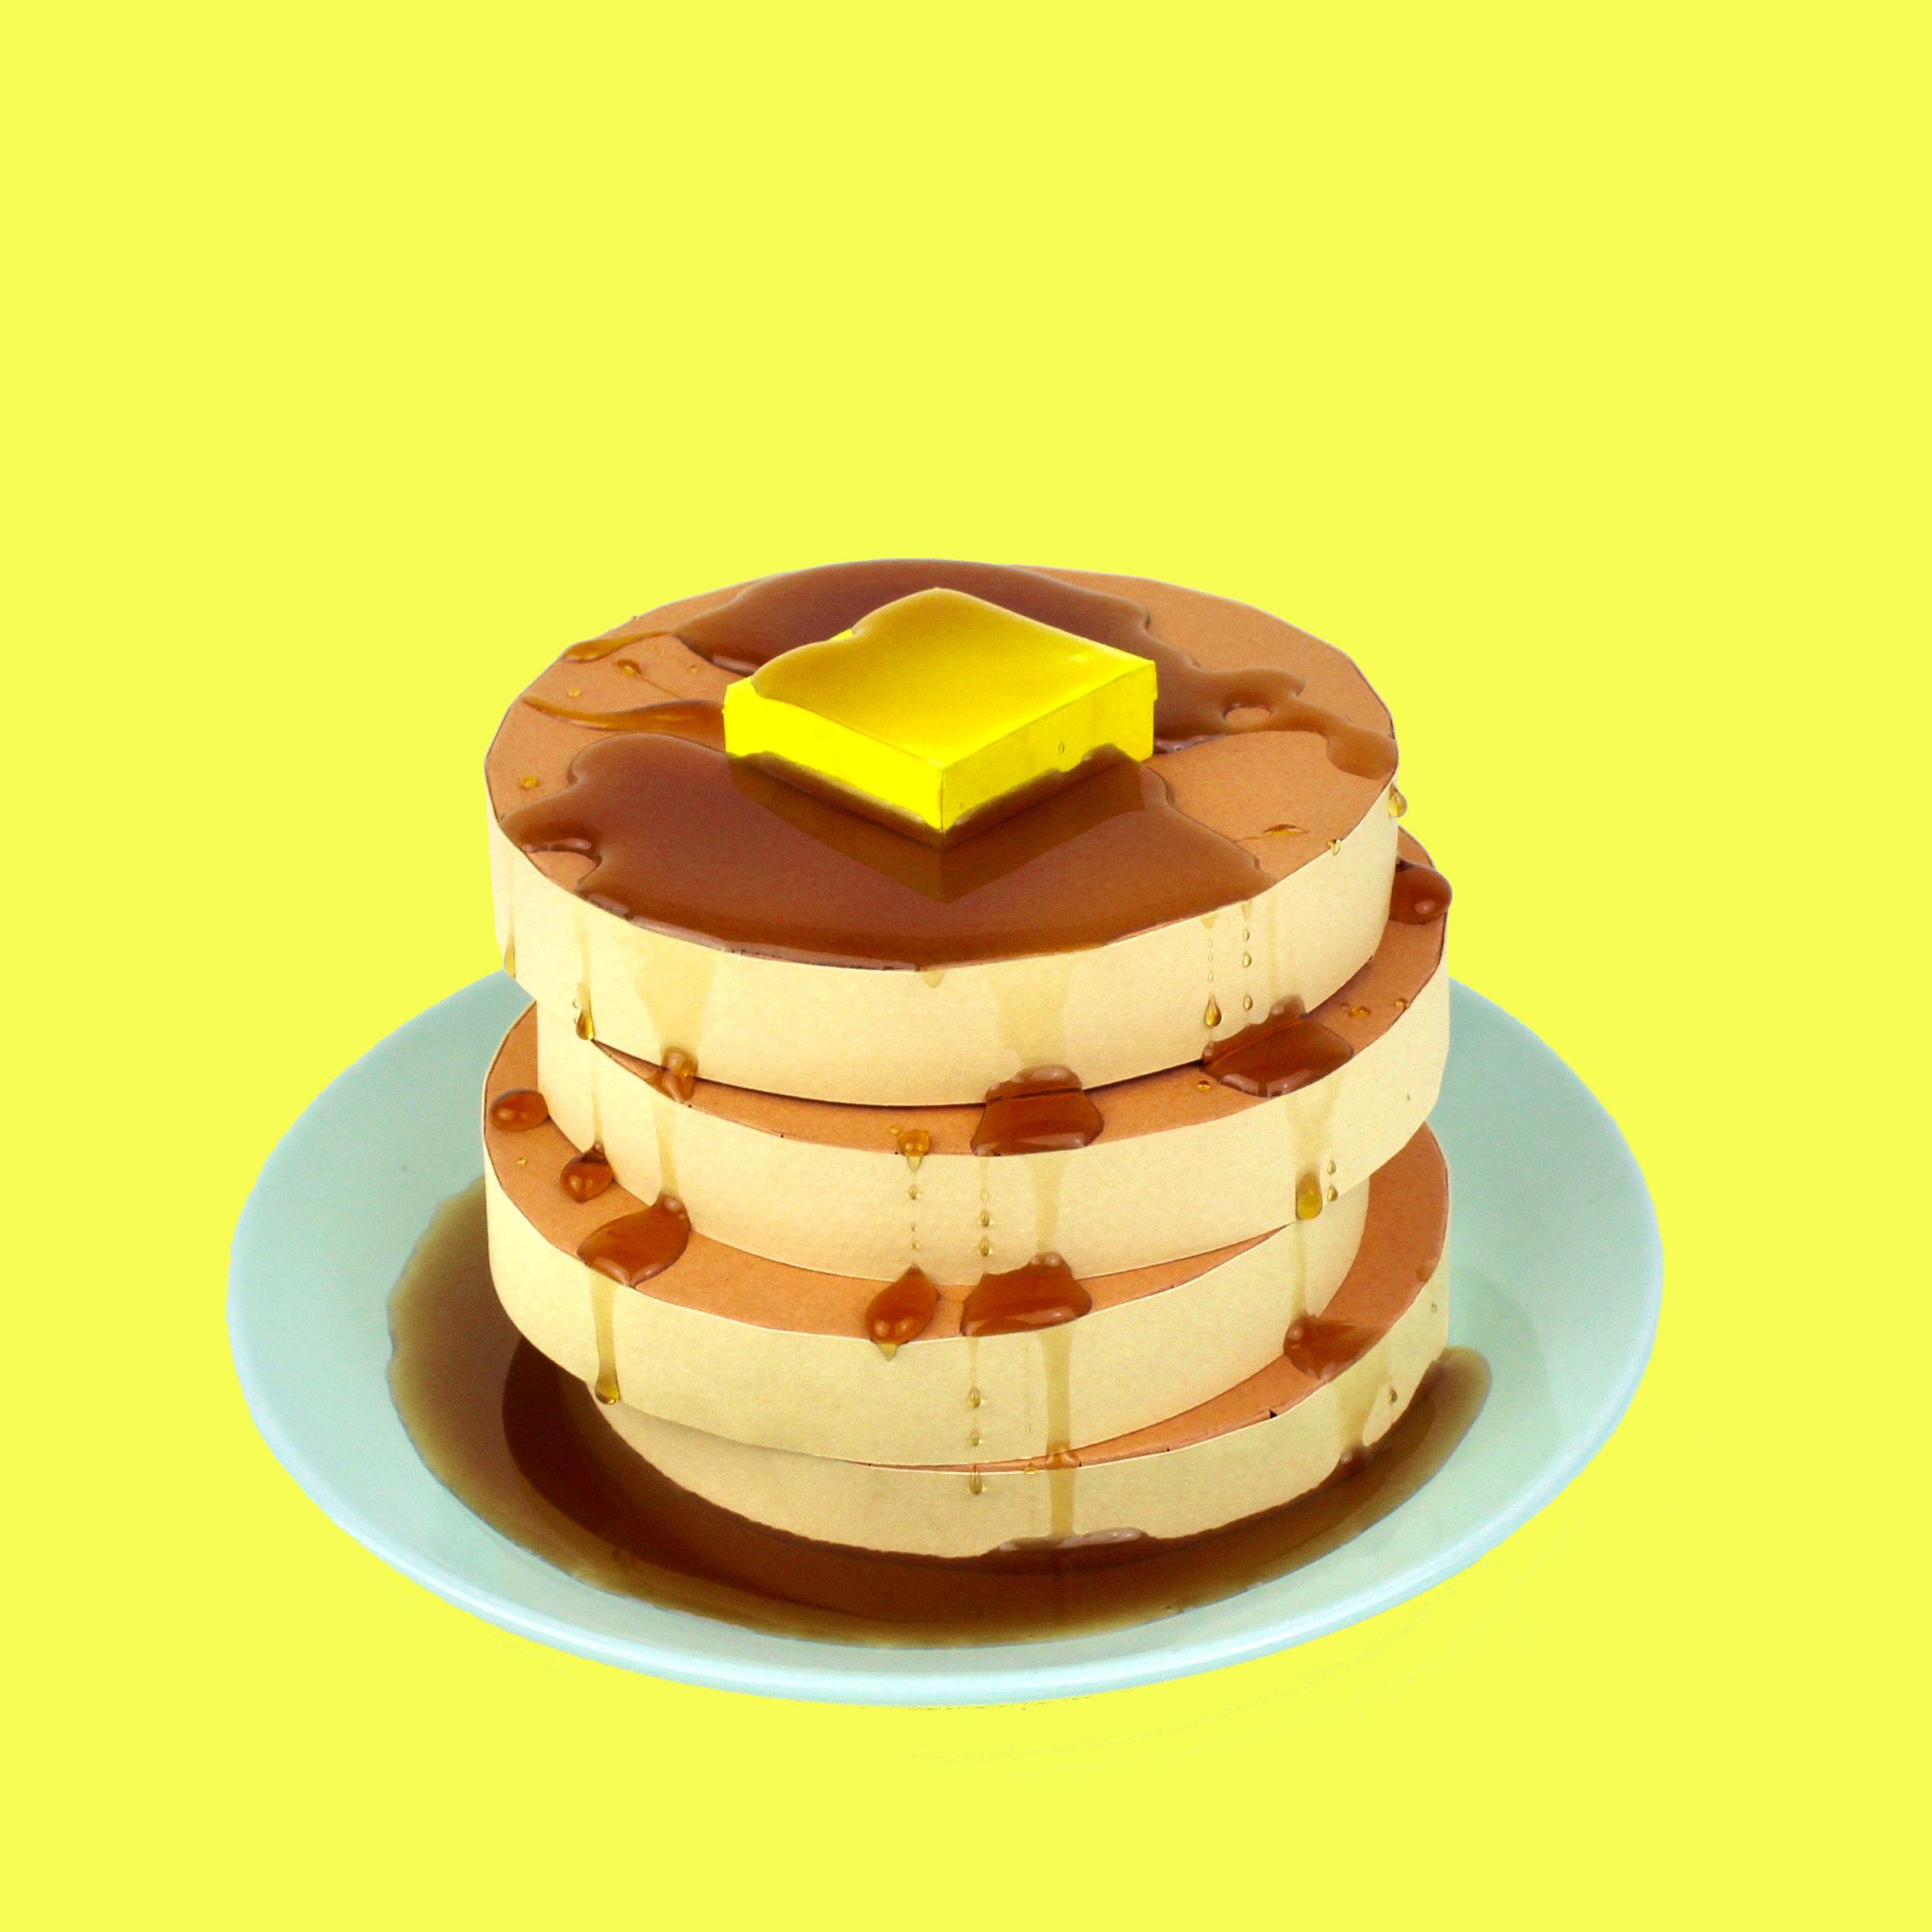 Pancake karton tasarım iştah açıcı